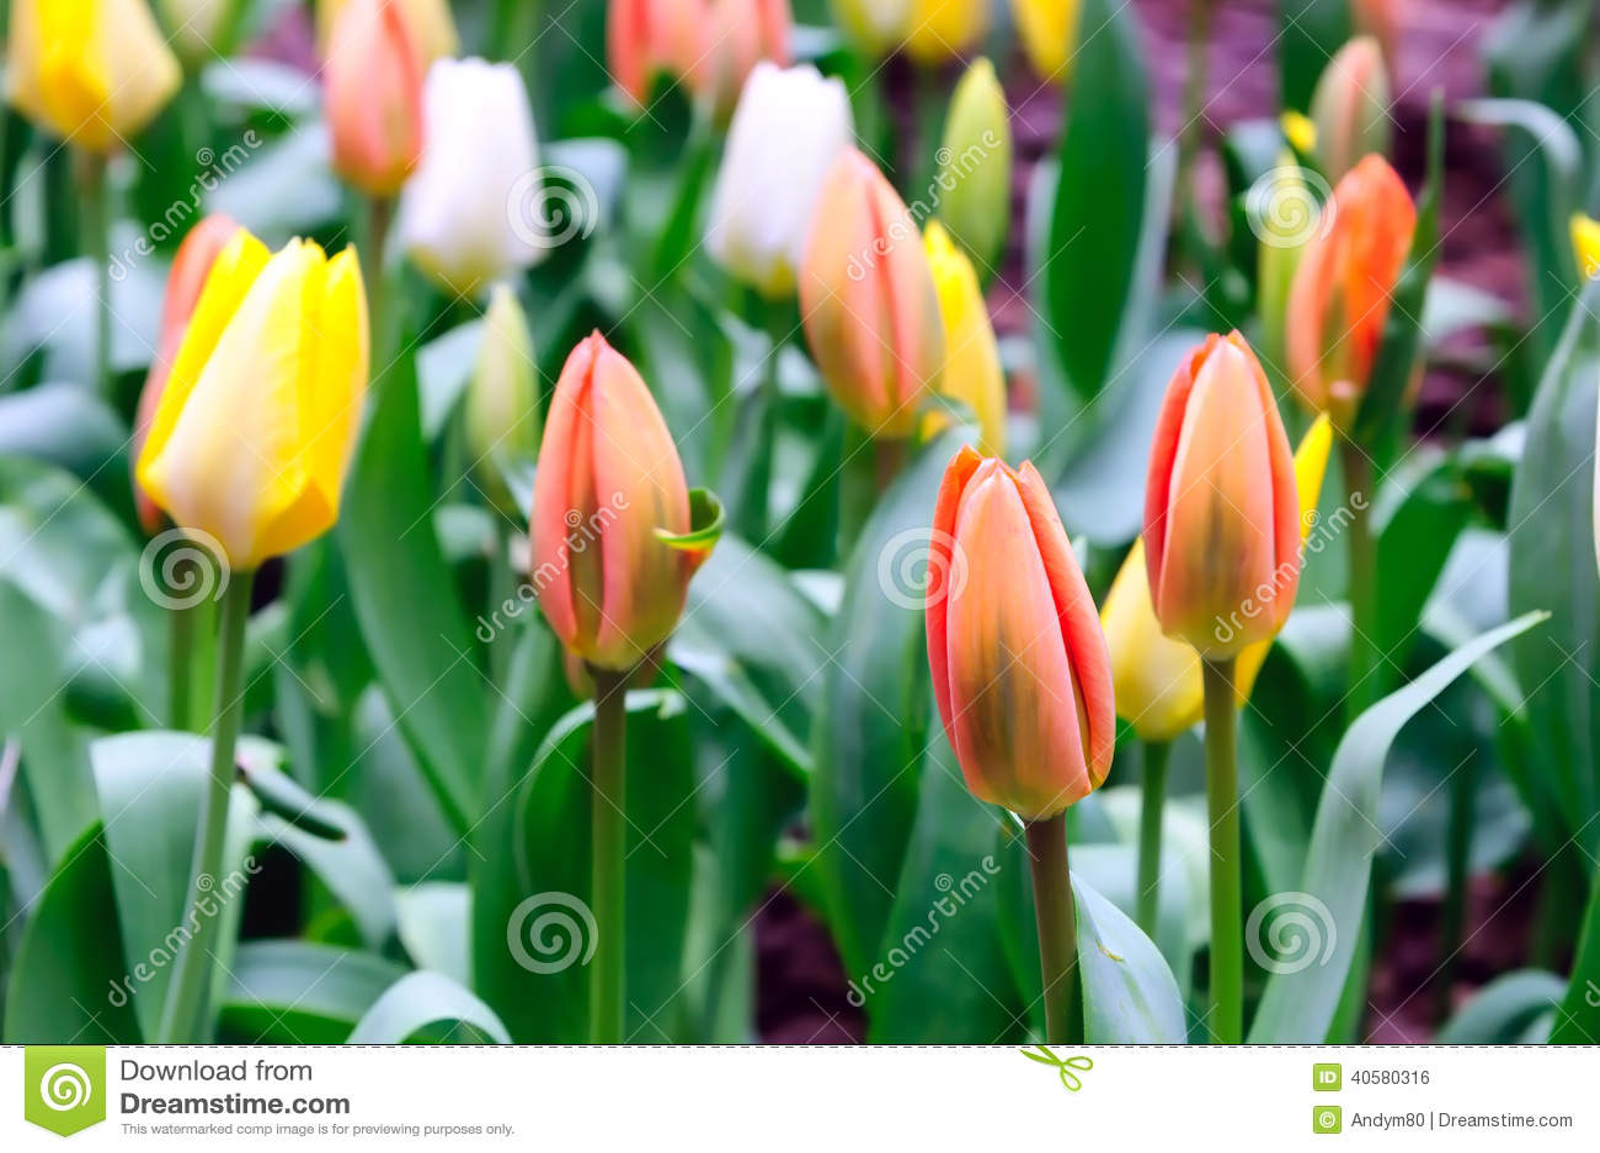 Сортированные тюльпаны